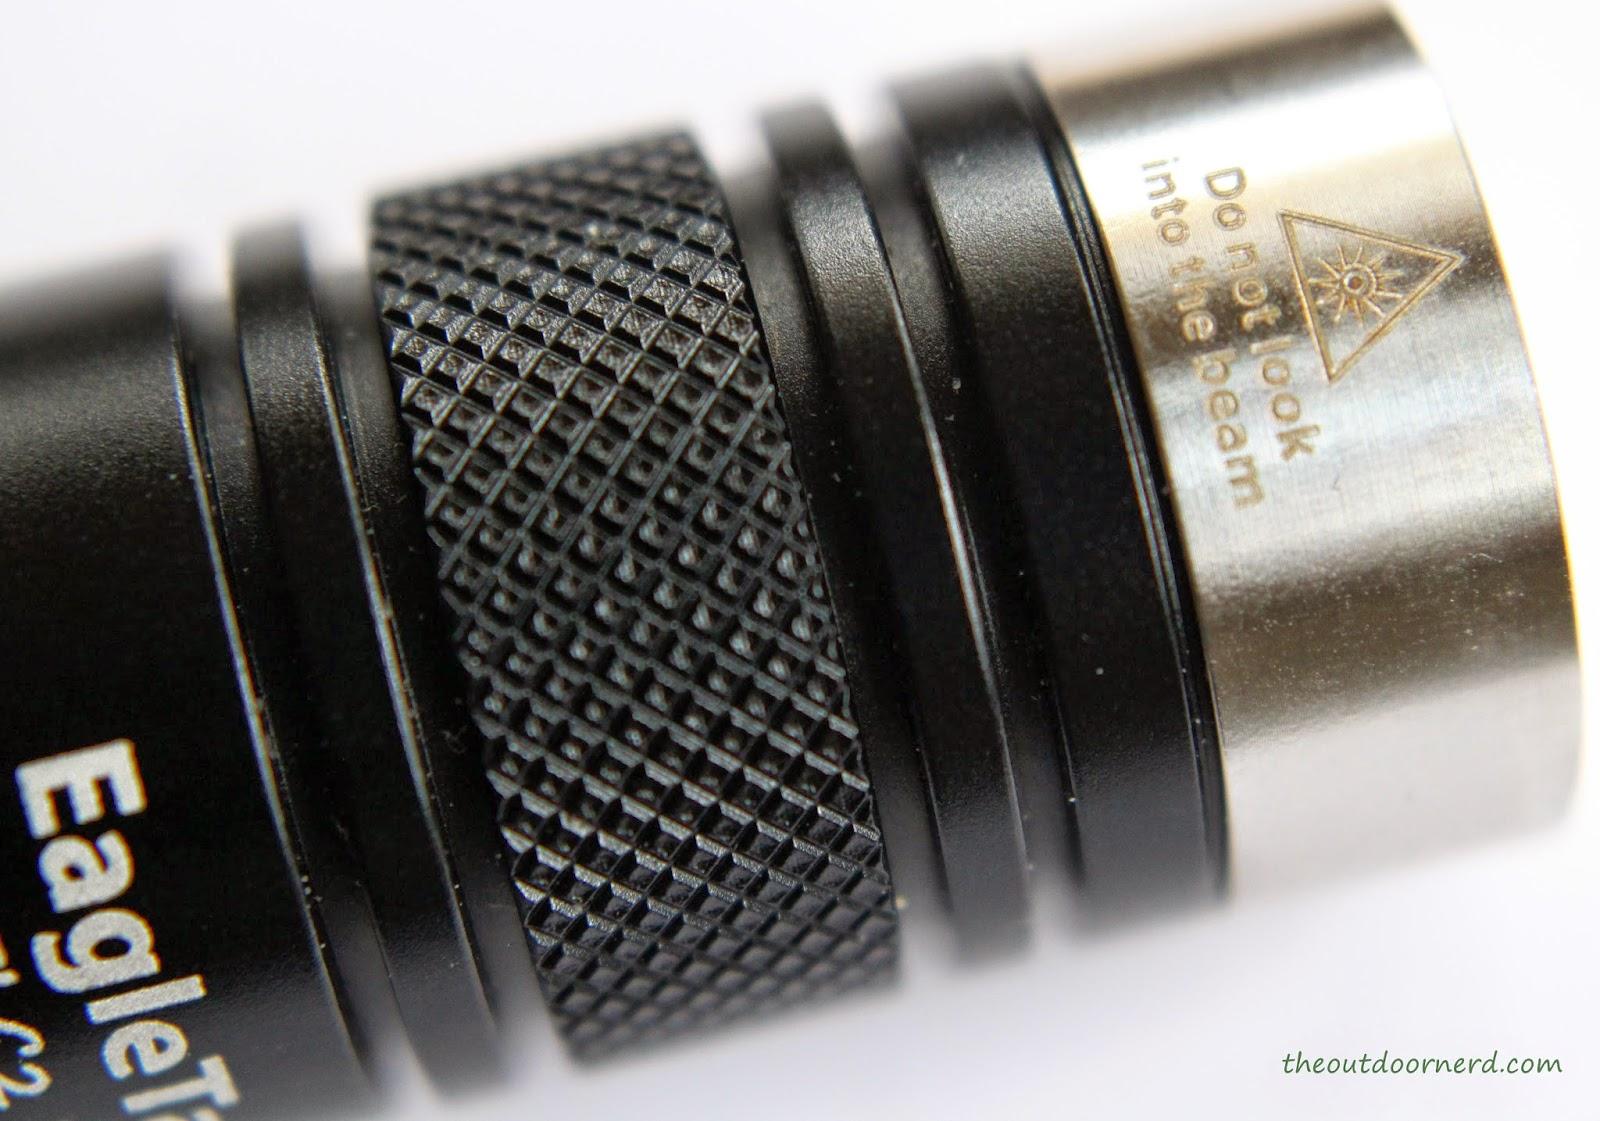 EagleTac D25LC2 Mini 18650 Flashlight: Closeup of Bezel